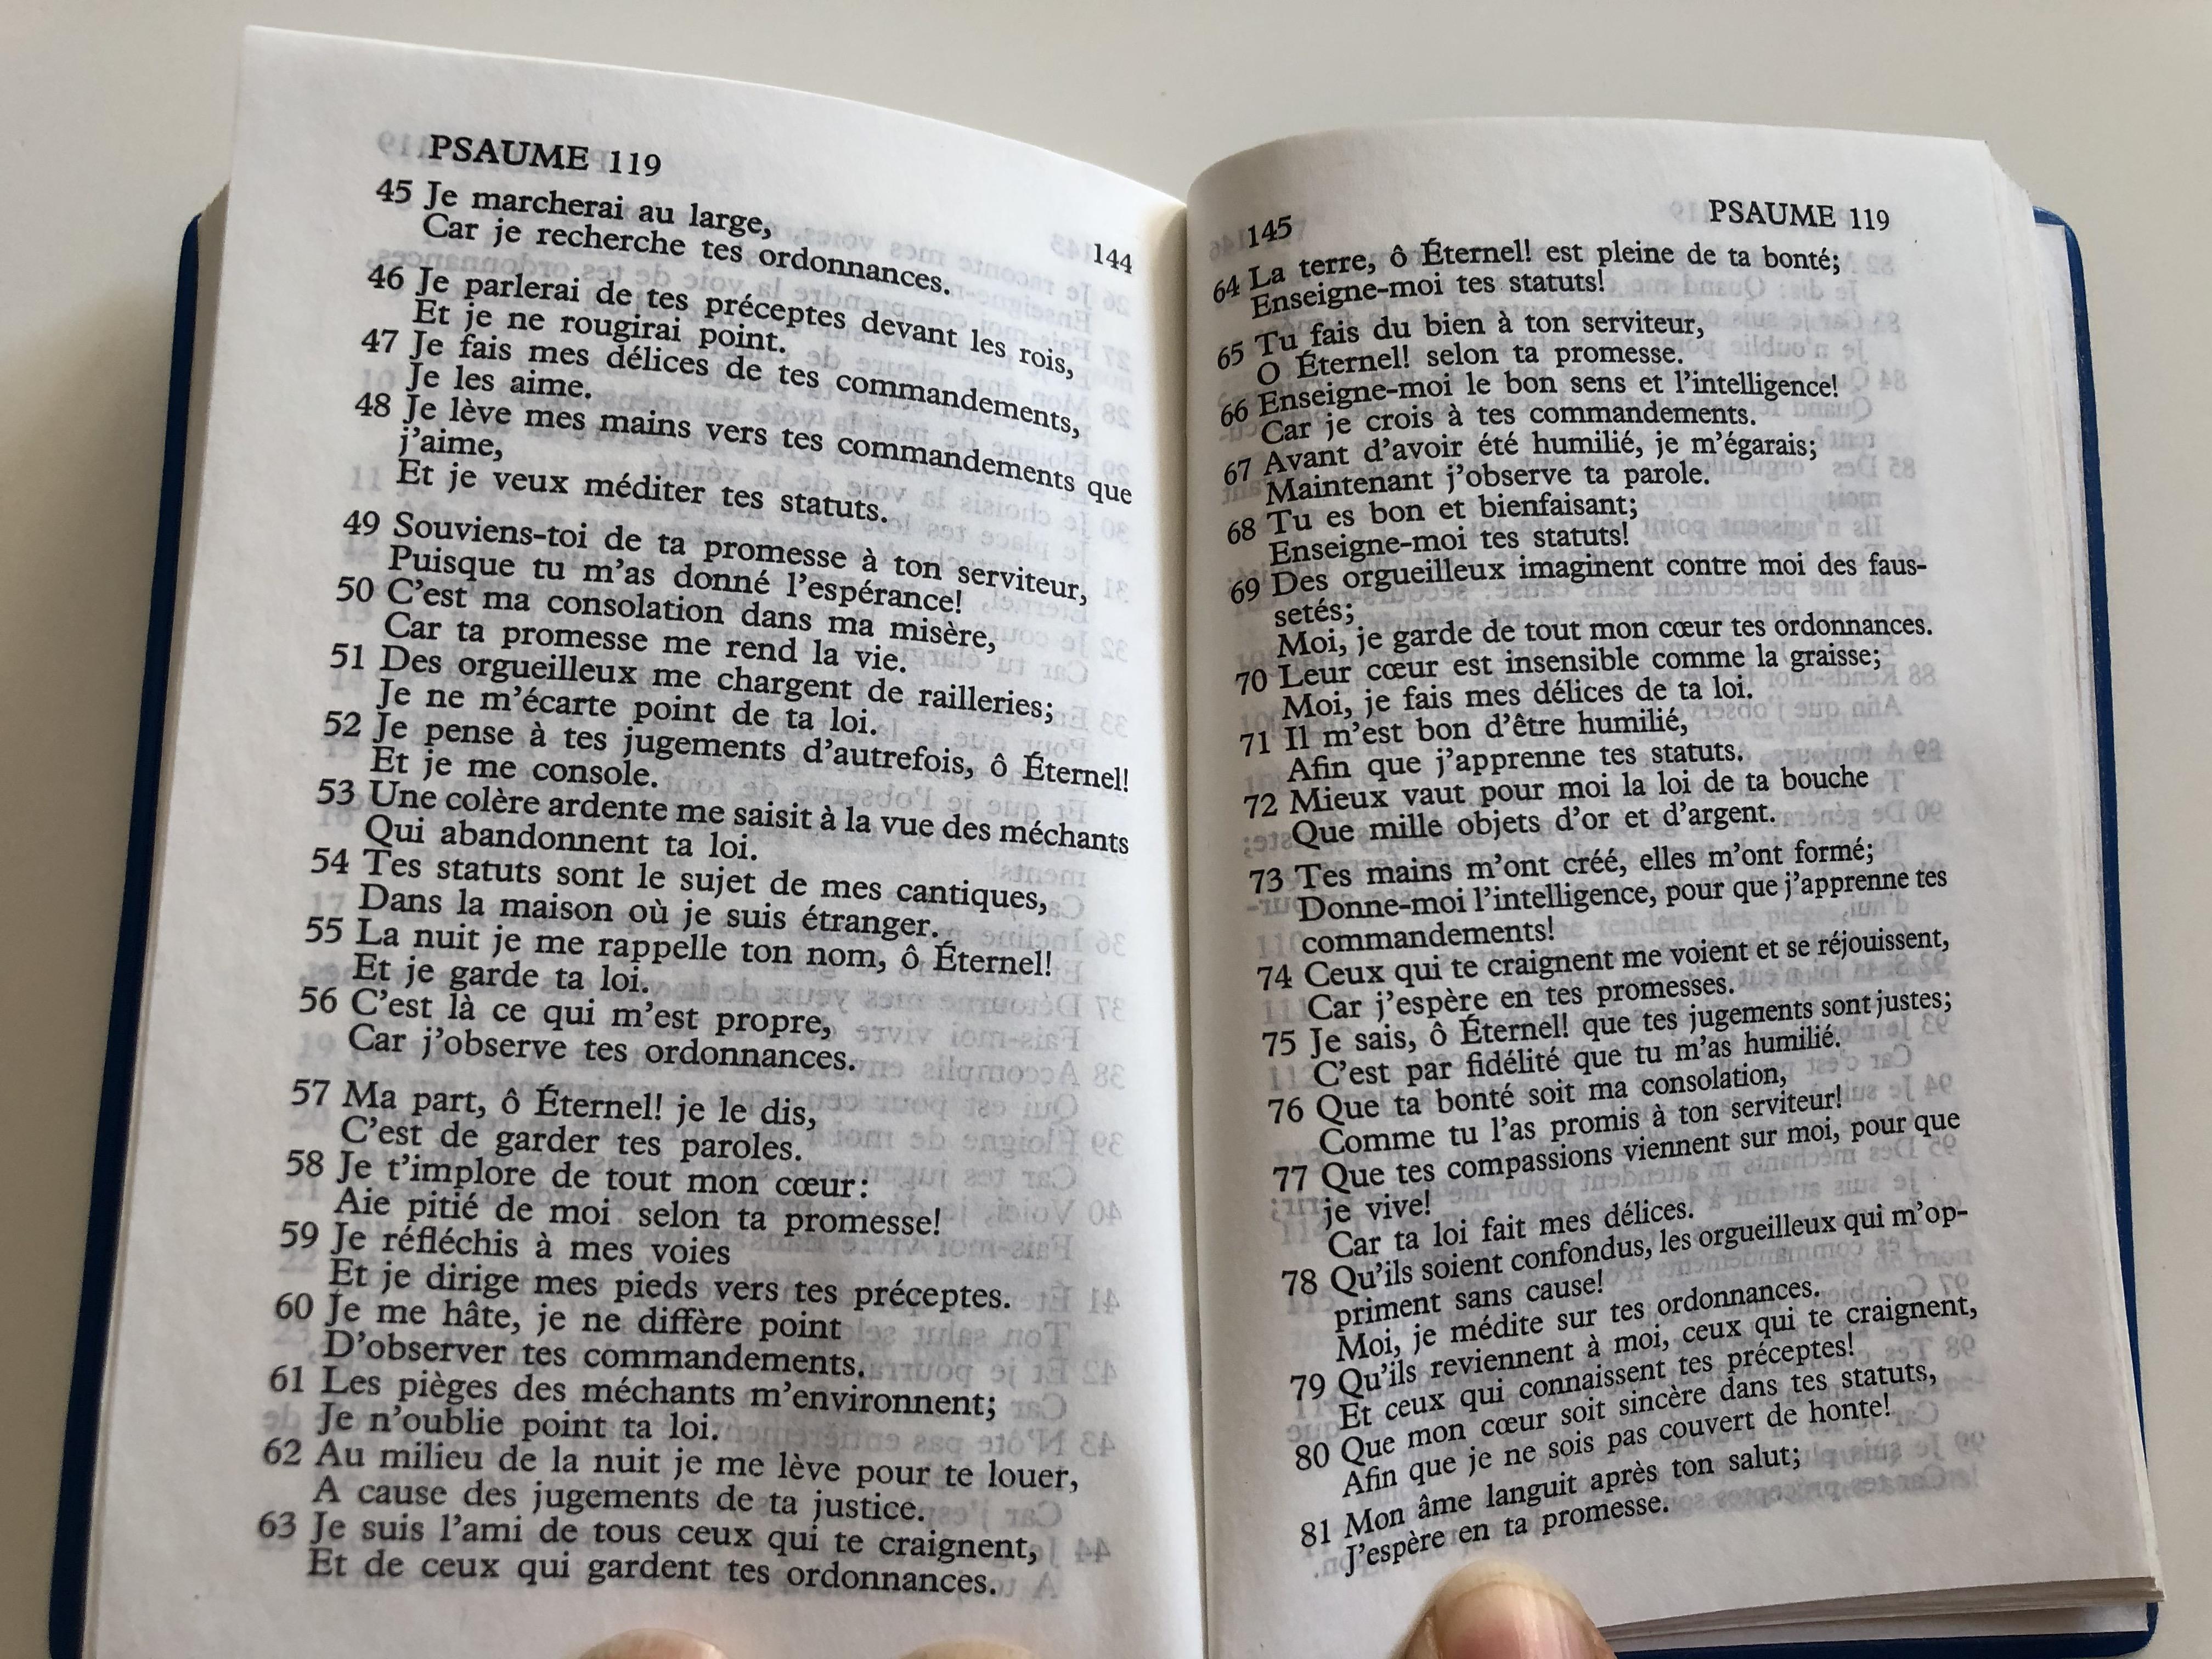 le-noveau-testament-et-les-psaumes-french-language-new-testament-and-psalms-8-.jpg